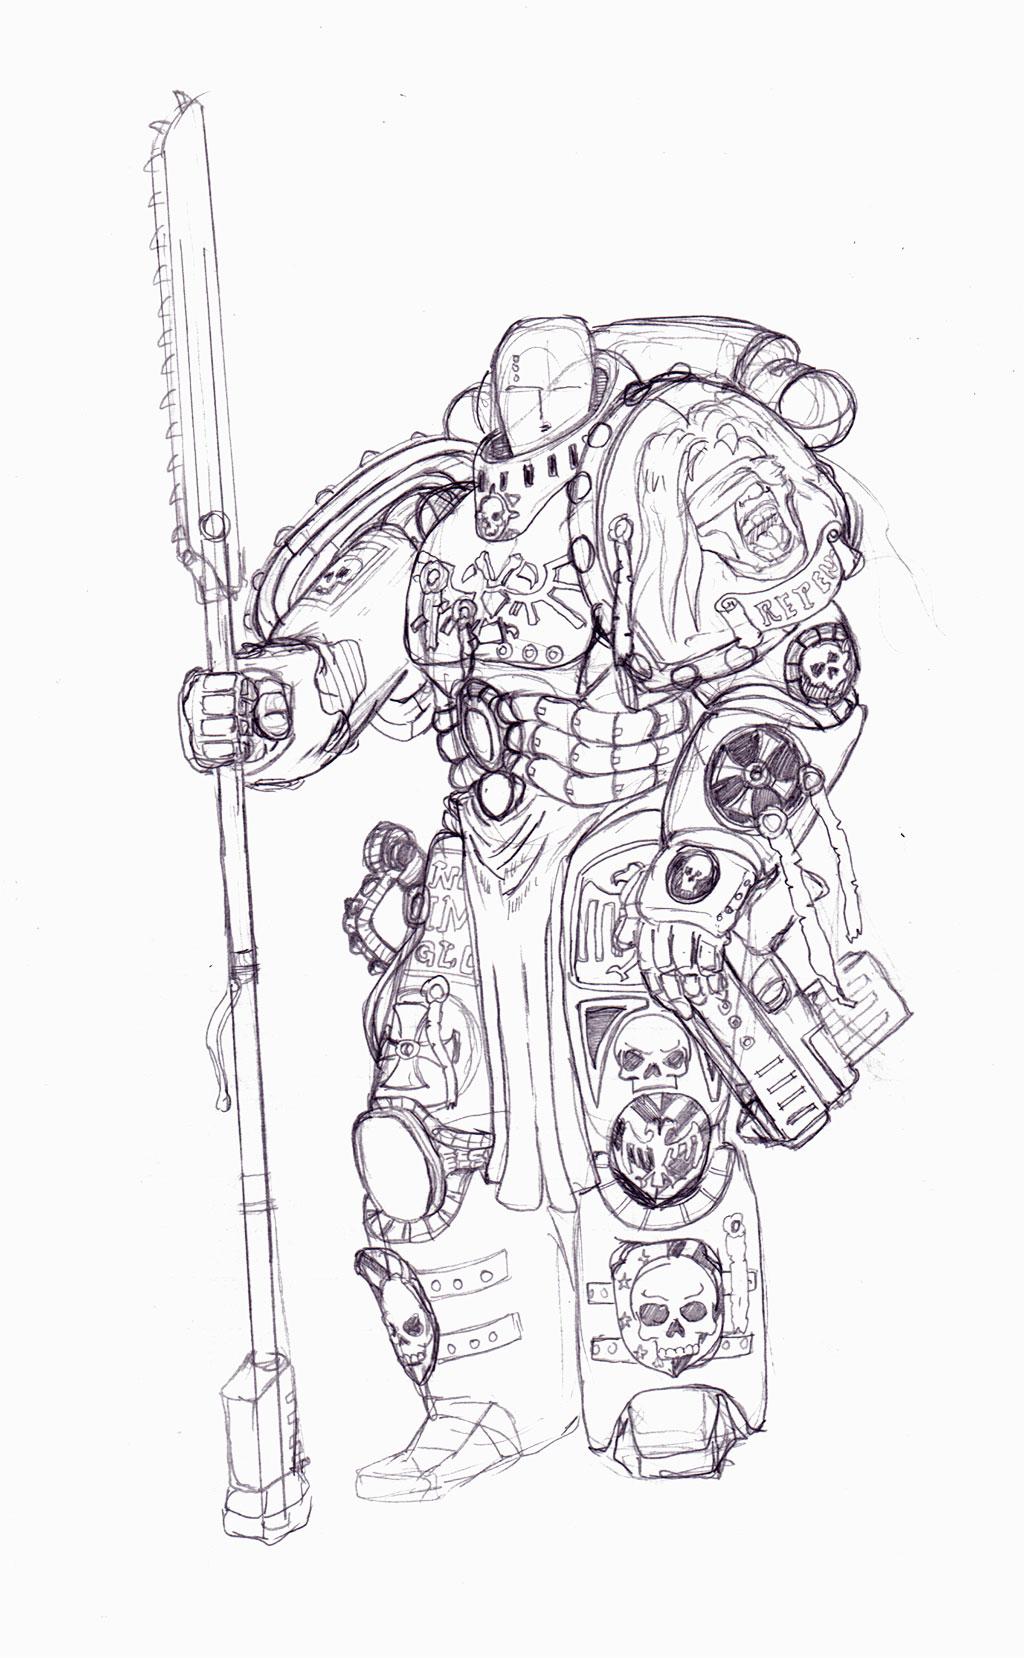 Spacemarine-Crusader by winterfluss